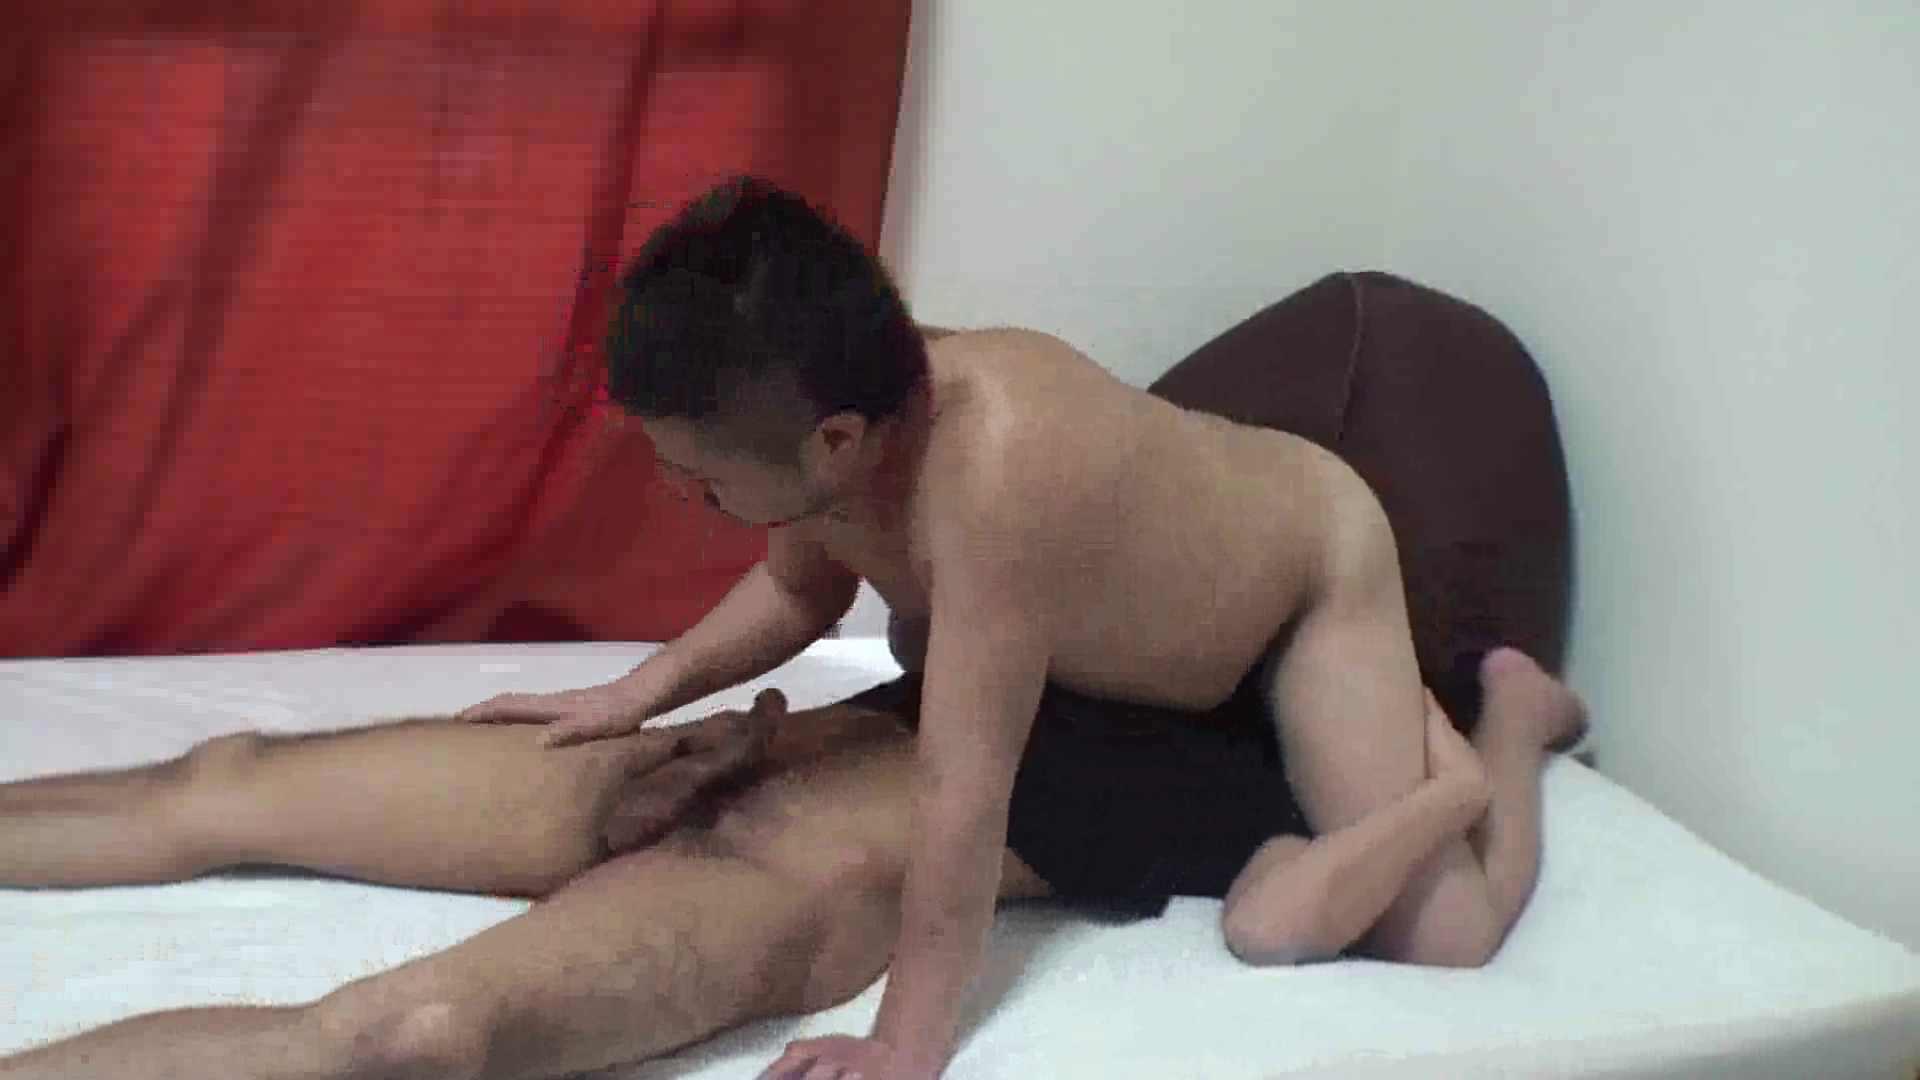 HD 良太と健二当たり前の日常 セックス編 VOL.02 サル系男子 ゲイ無修正ビデオ画像 104枚 18